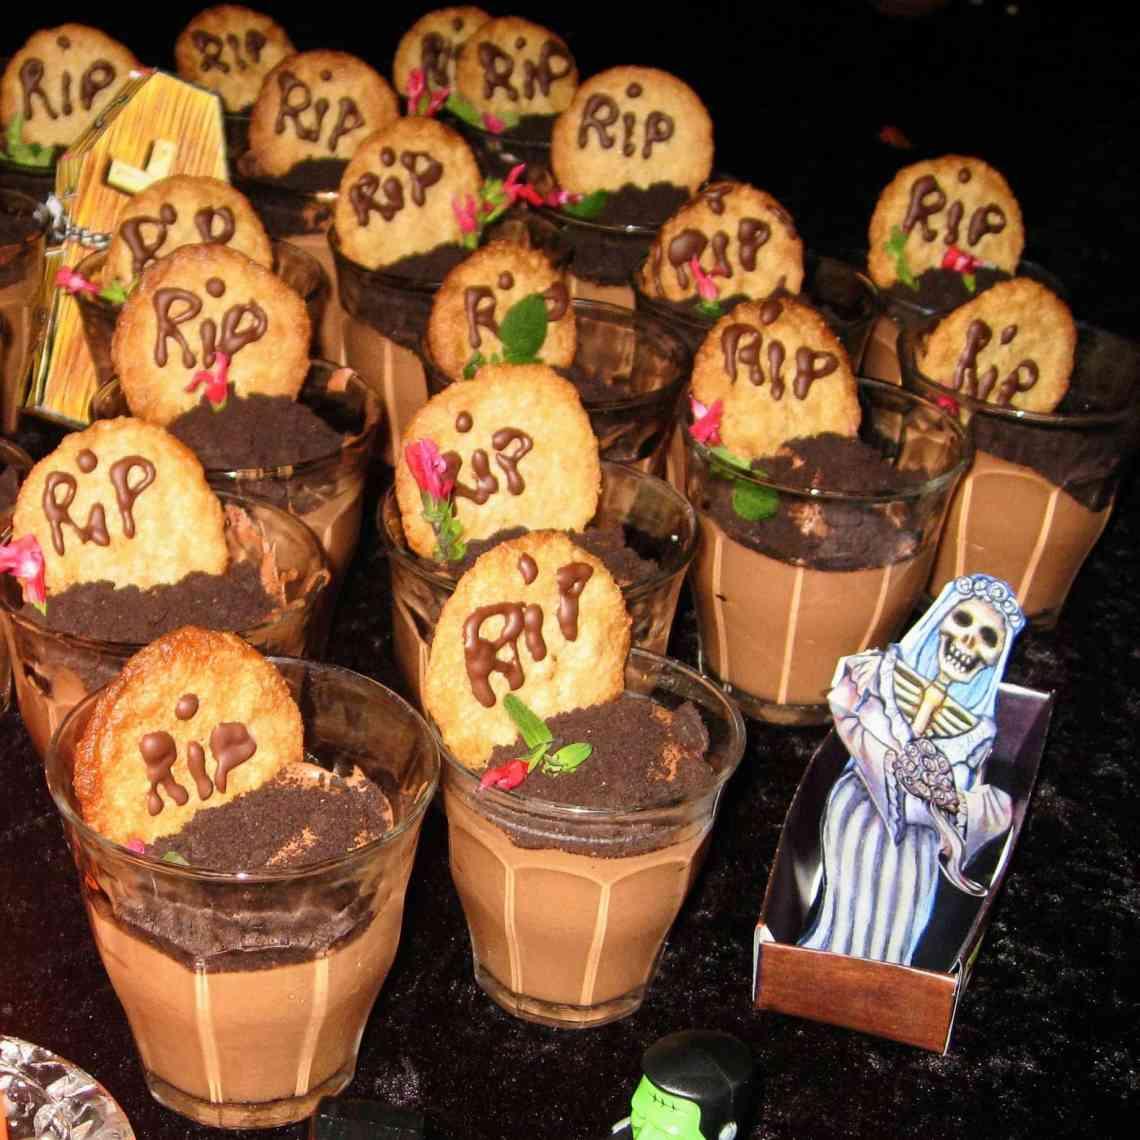 Chokolademousse - find opskrifter og inspiration til årets gang på danishthings.com #danishthings #chokolademousse #halloween #gravsted